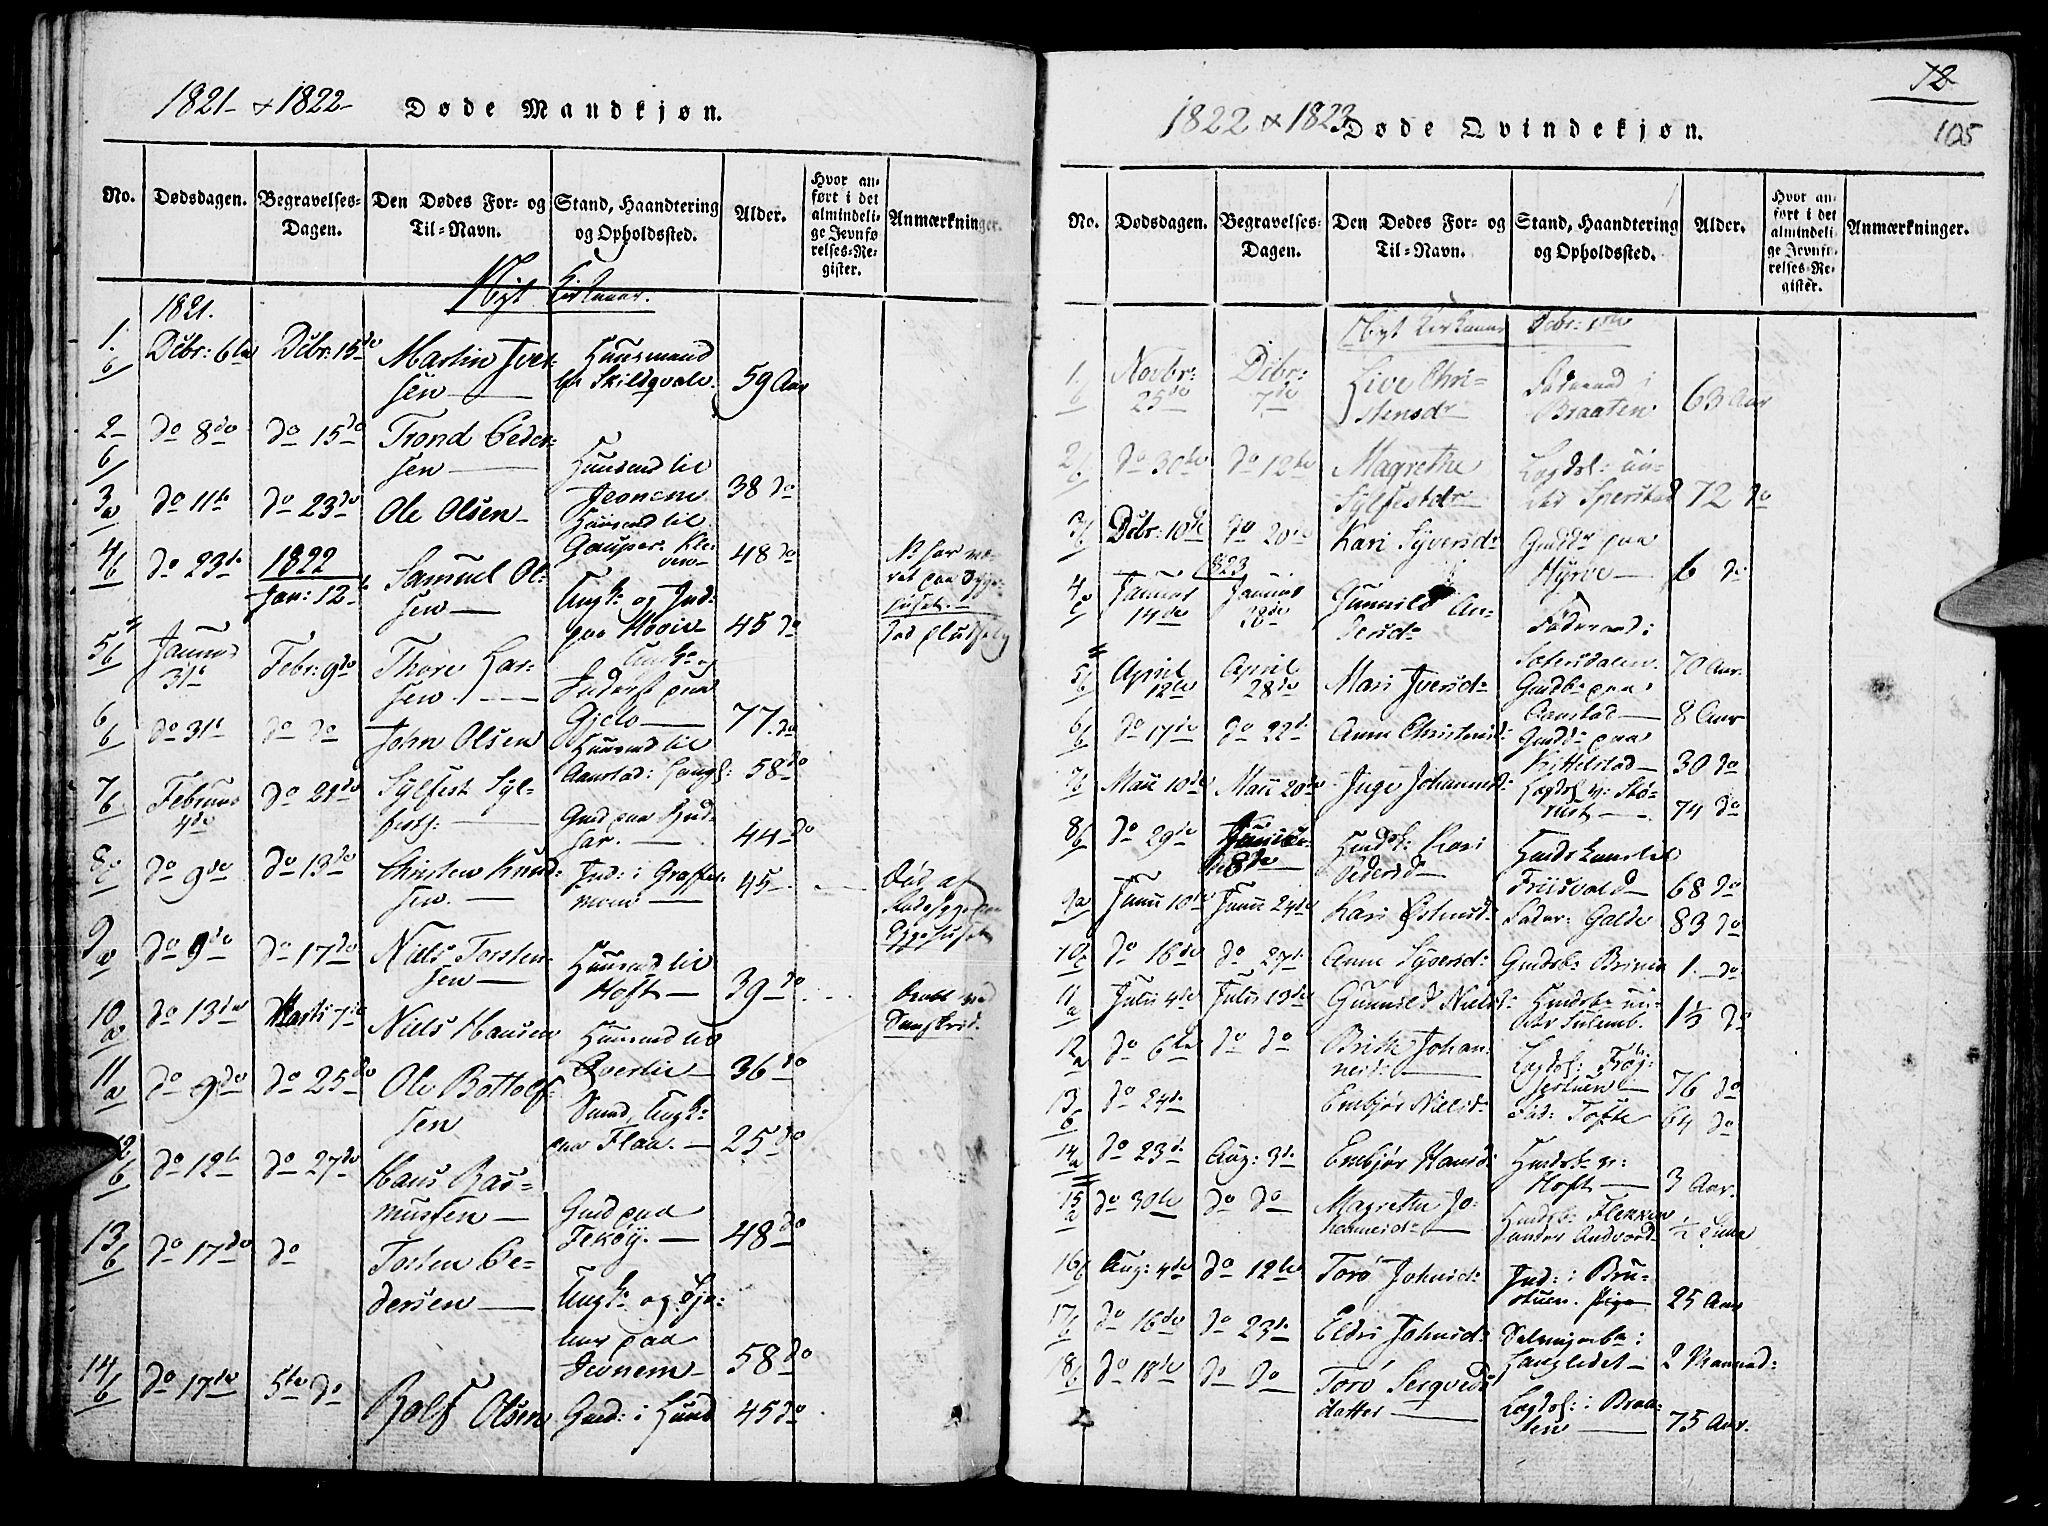 SAH, Lom prestekontor, K/L0004: Ministerialbok nr. 4, 1815-1825, s. 105